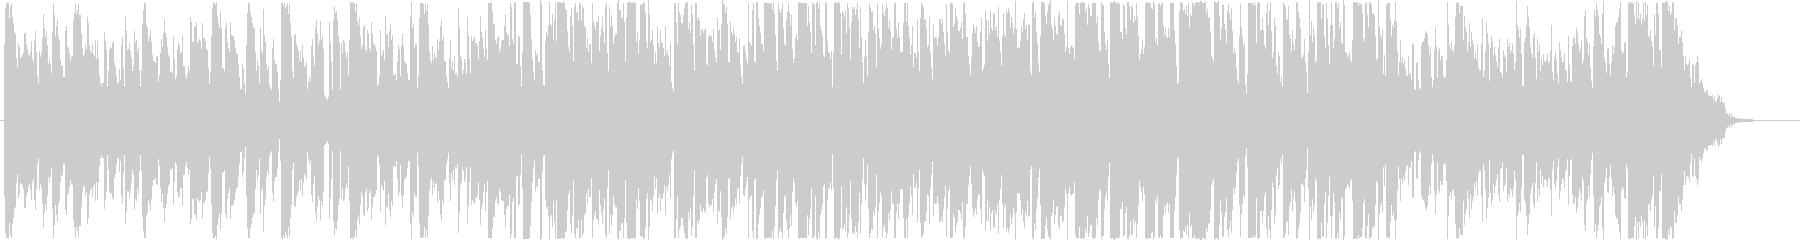 ピッコロのソロが印象的なジャズBGMの未再生の波形